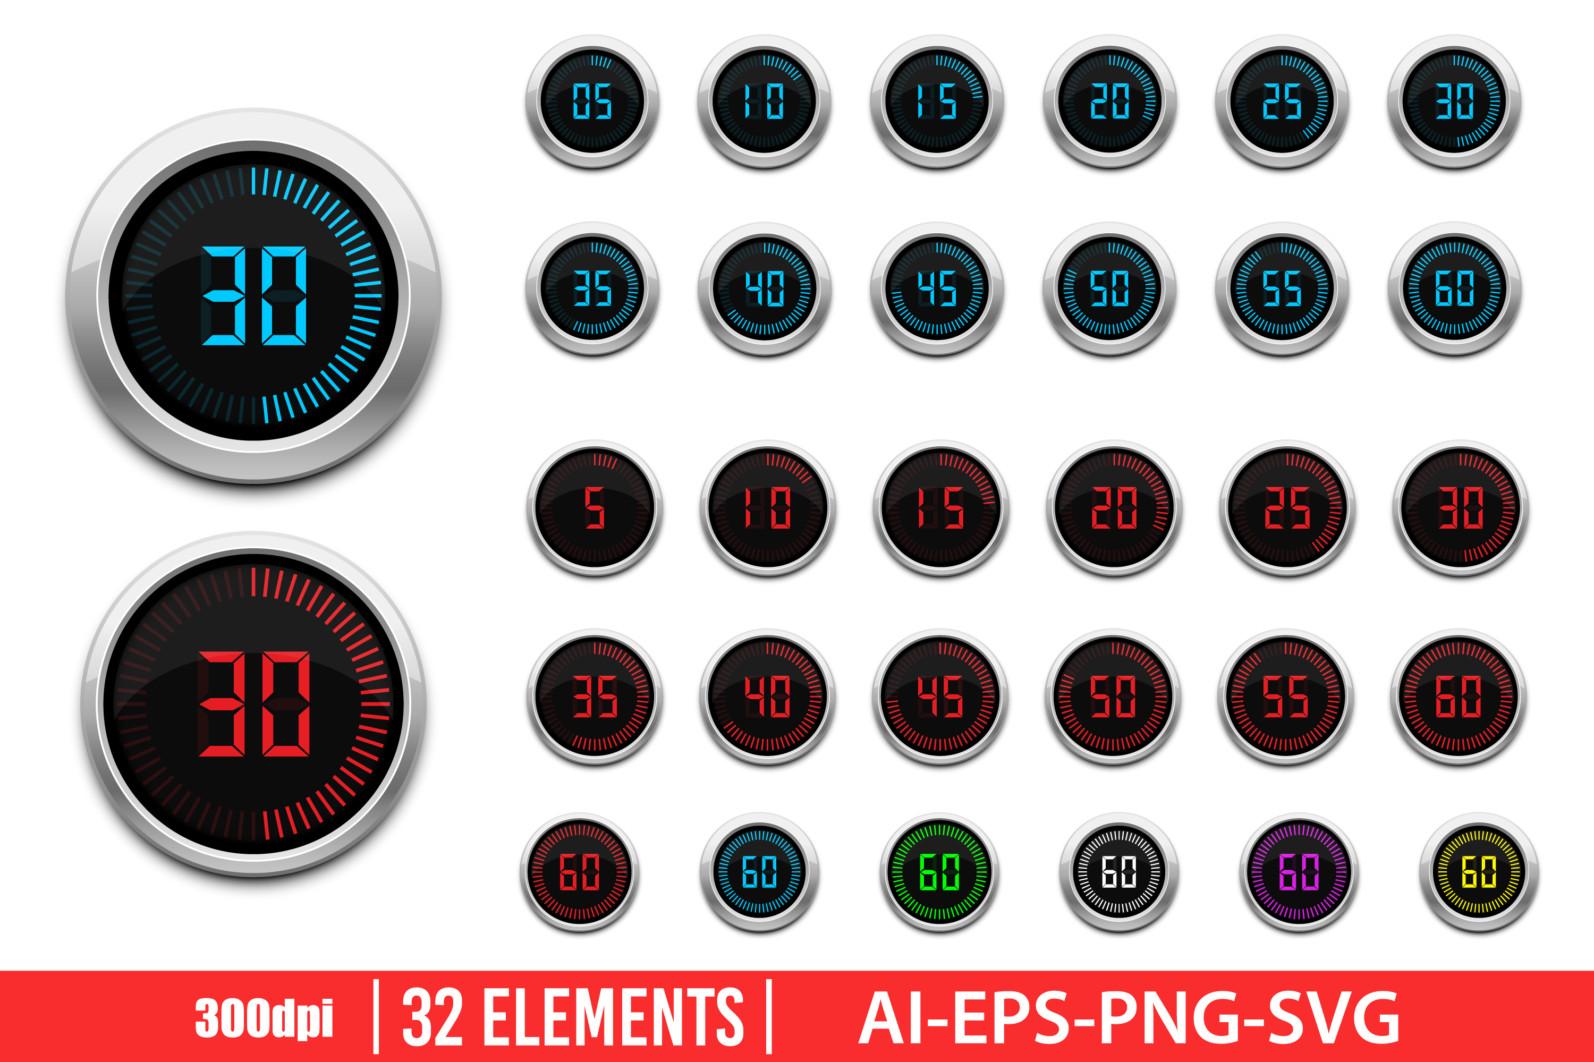 Digital timer clipart vector design illustration. Digital timer set. Vector Clipart Print - DIGITAL TIMER scaled -